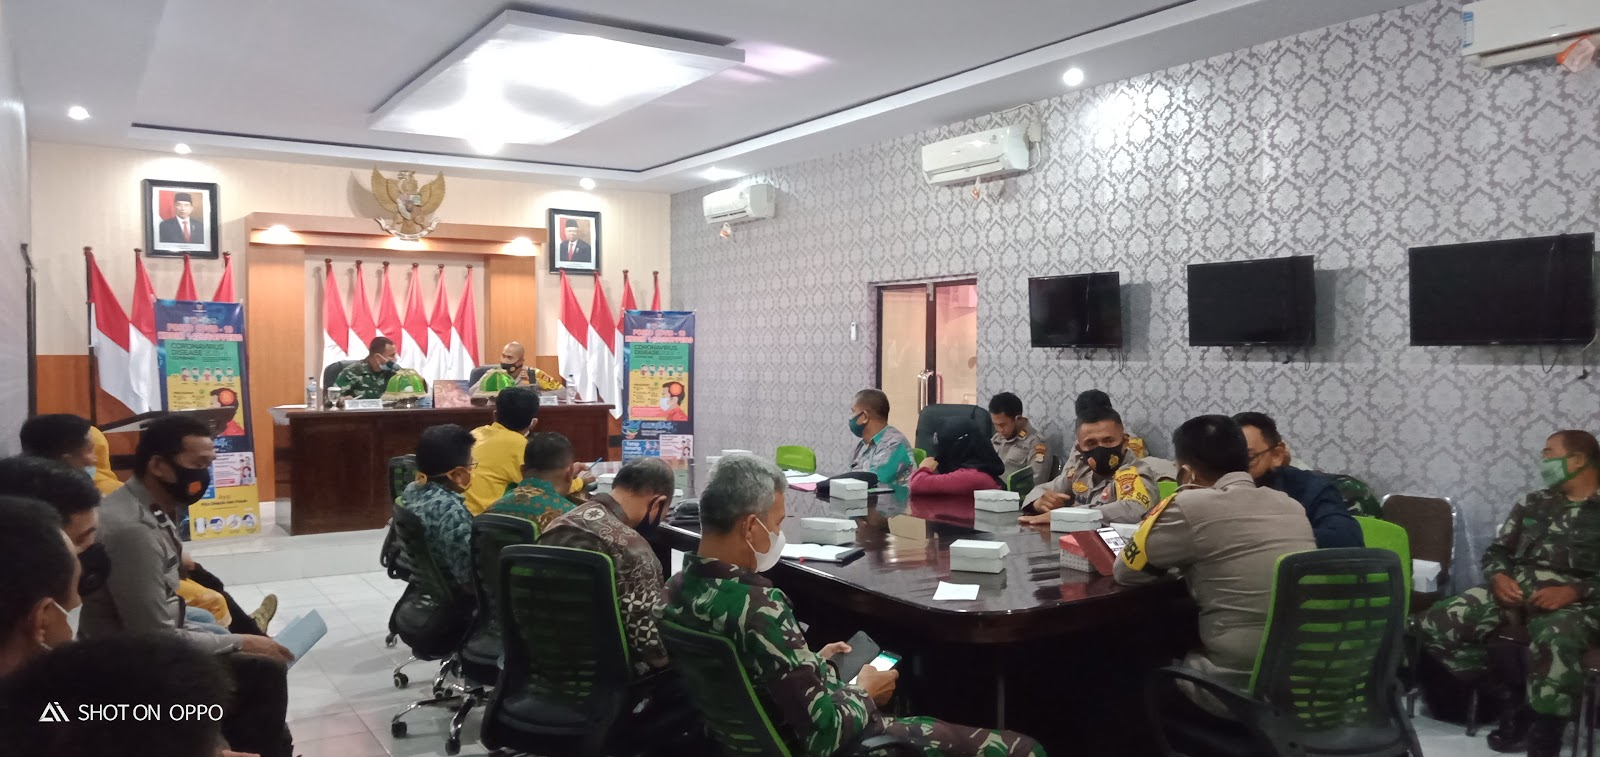 Proses Pembelajaran Tatap Muka 59 Sekolah di Kabupaten Soppeng Secara Serentak Tanggal 1 Maret 2021